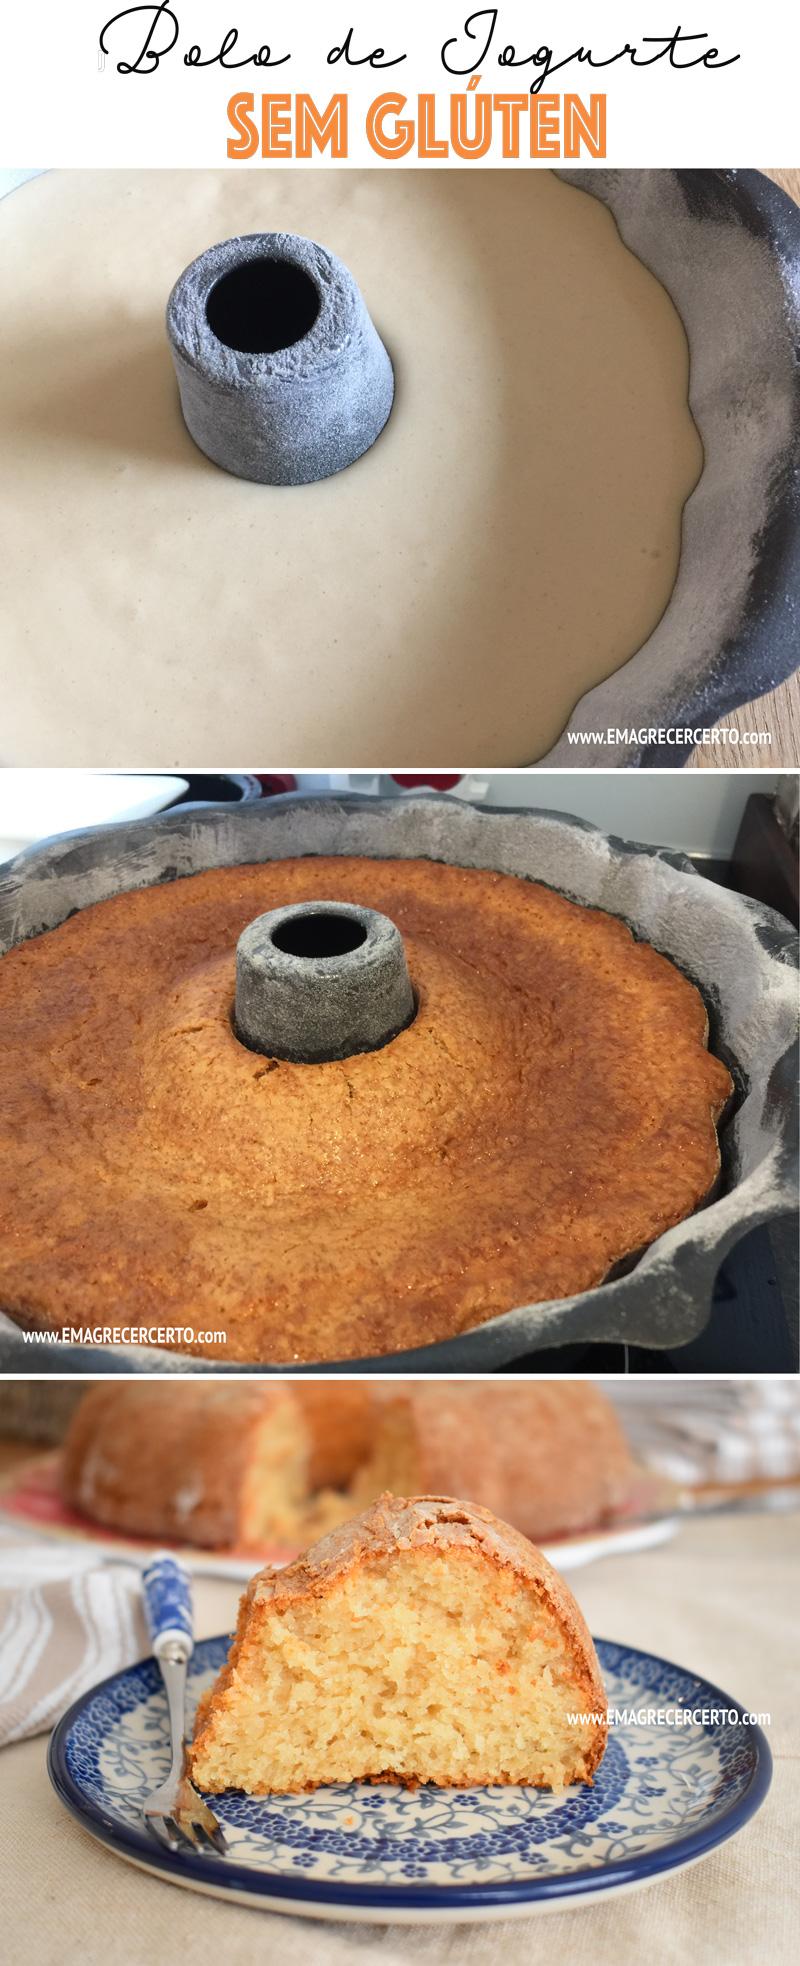 bolo de iogurte sem gluten emagrecer certo blog